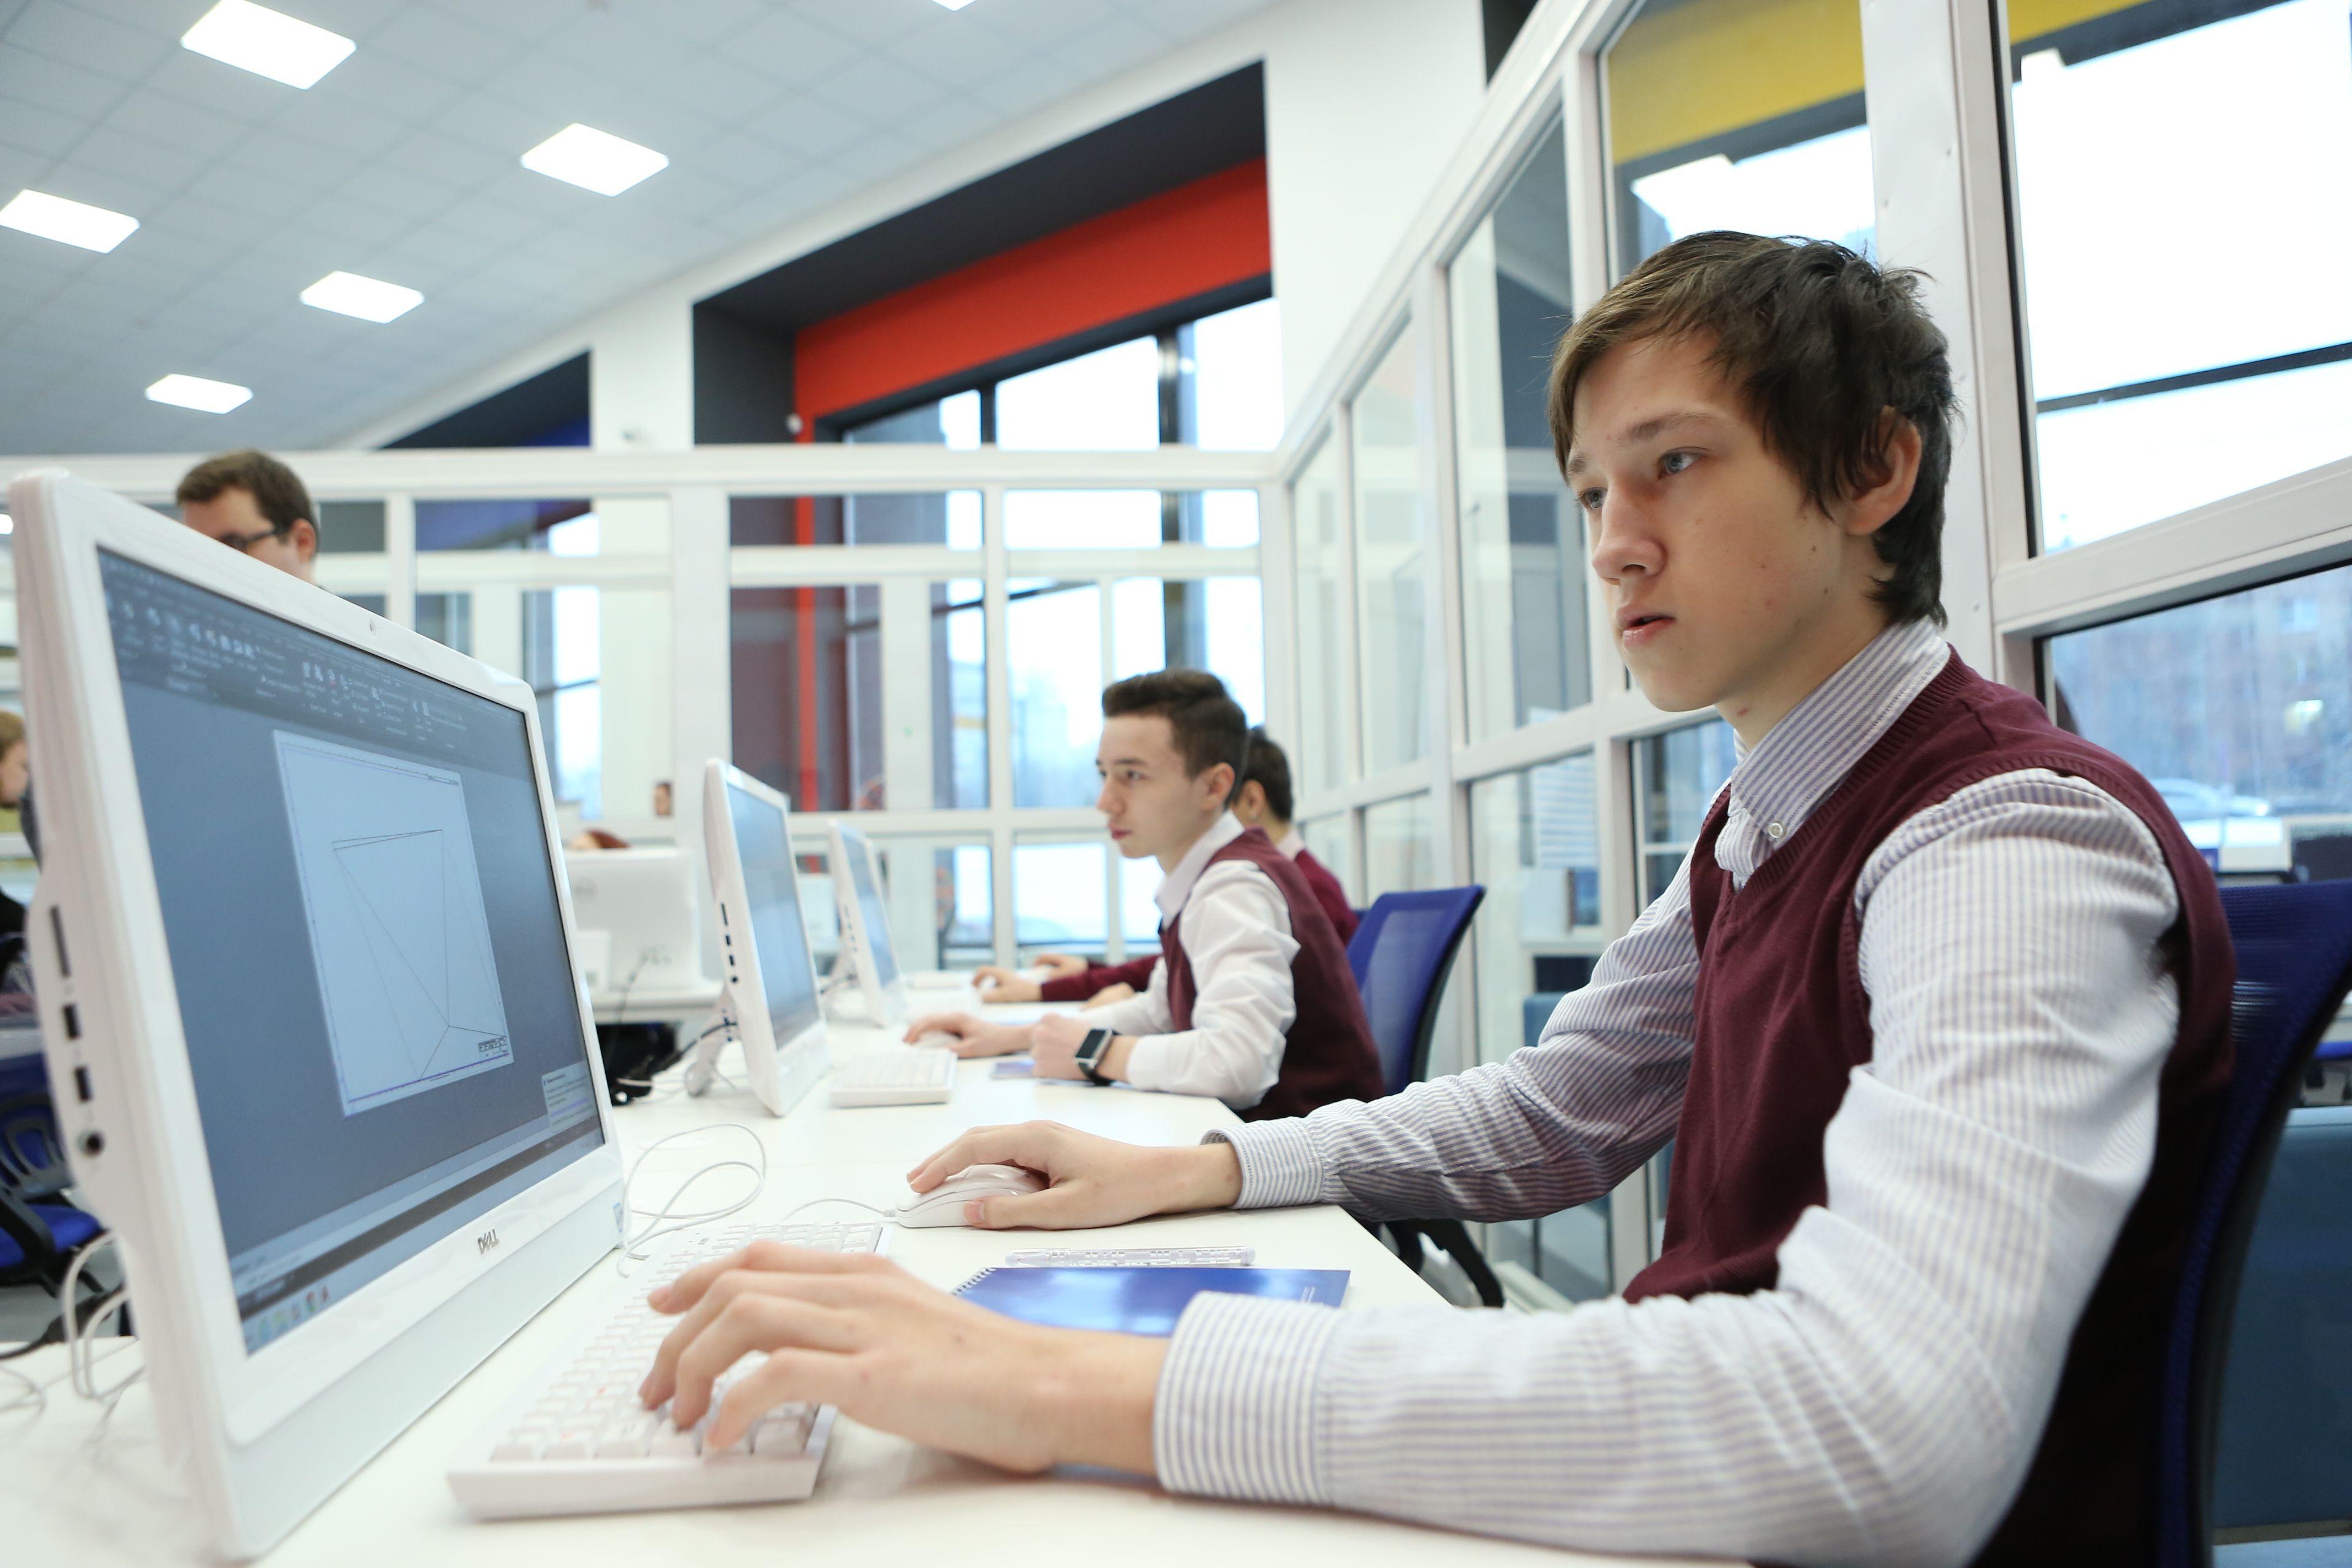 Сайт мэра Москвы запустил новую услугу для школьников